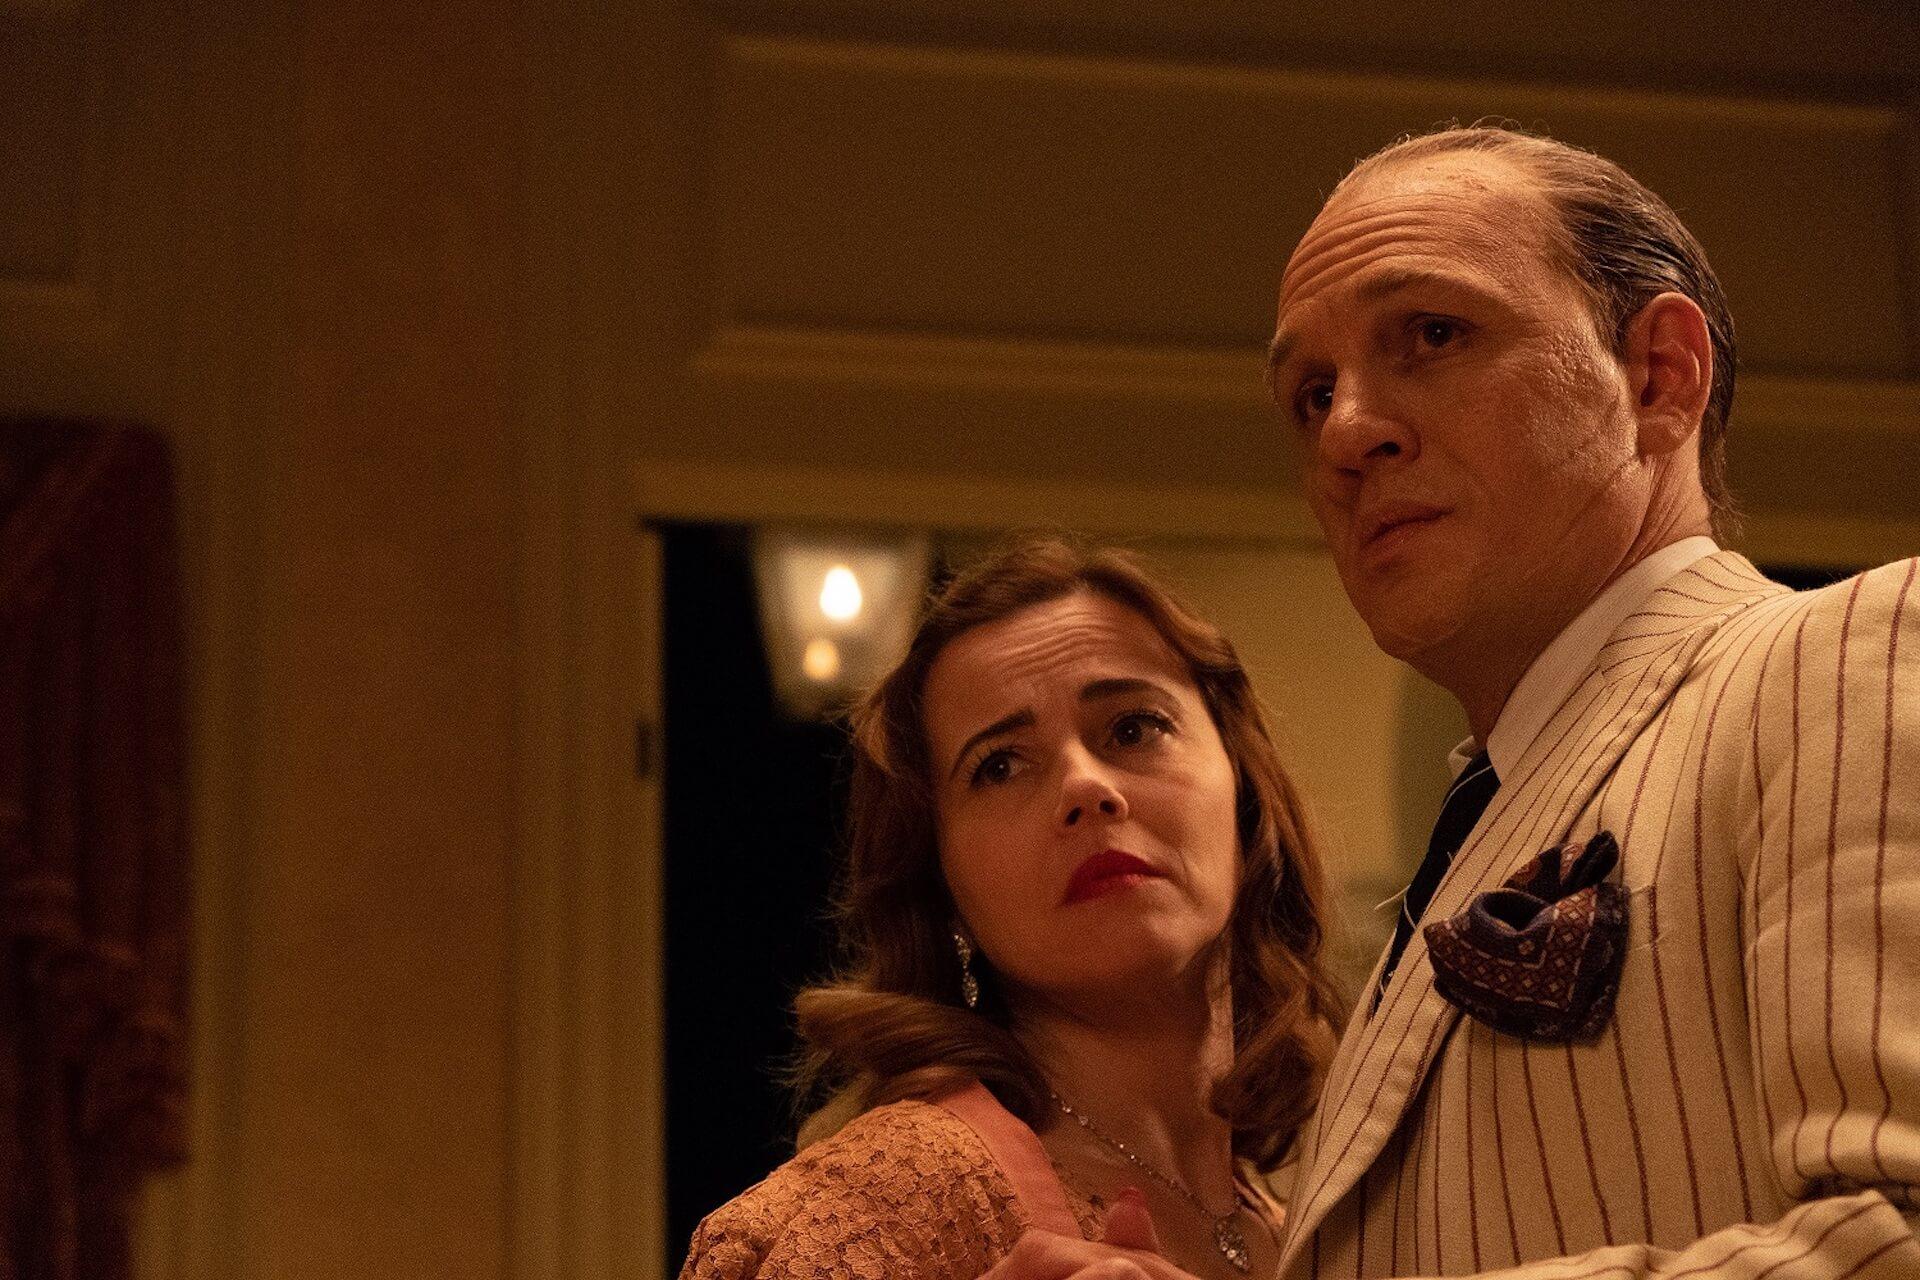 晩年のアル・カポネを演じるトム・ハーディの魅力に迫る!『カポネ』の新場面写真&特別エピソードが到着 film210125_capone_2